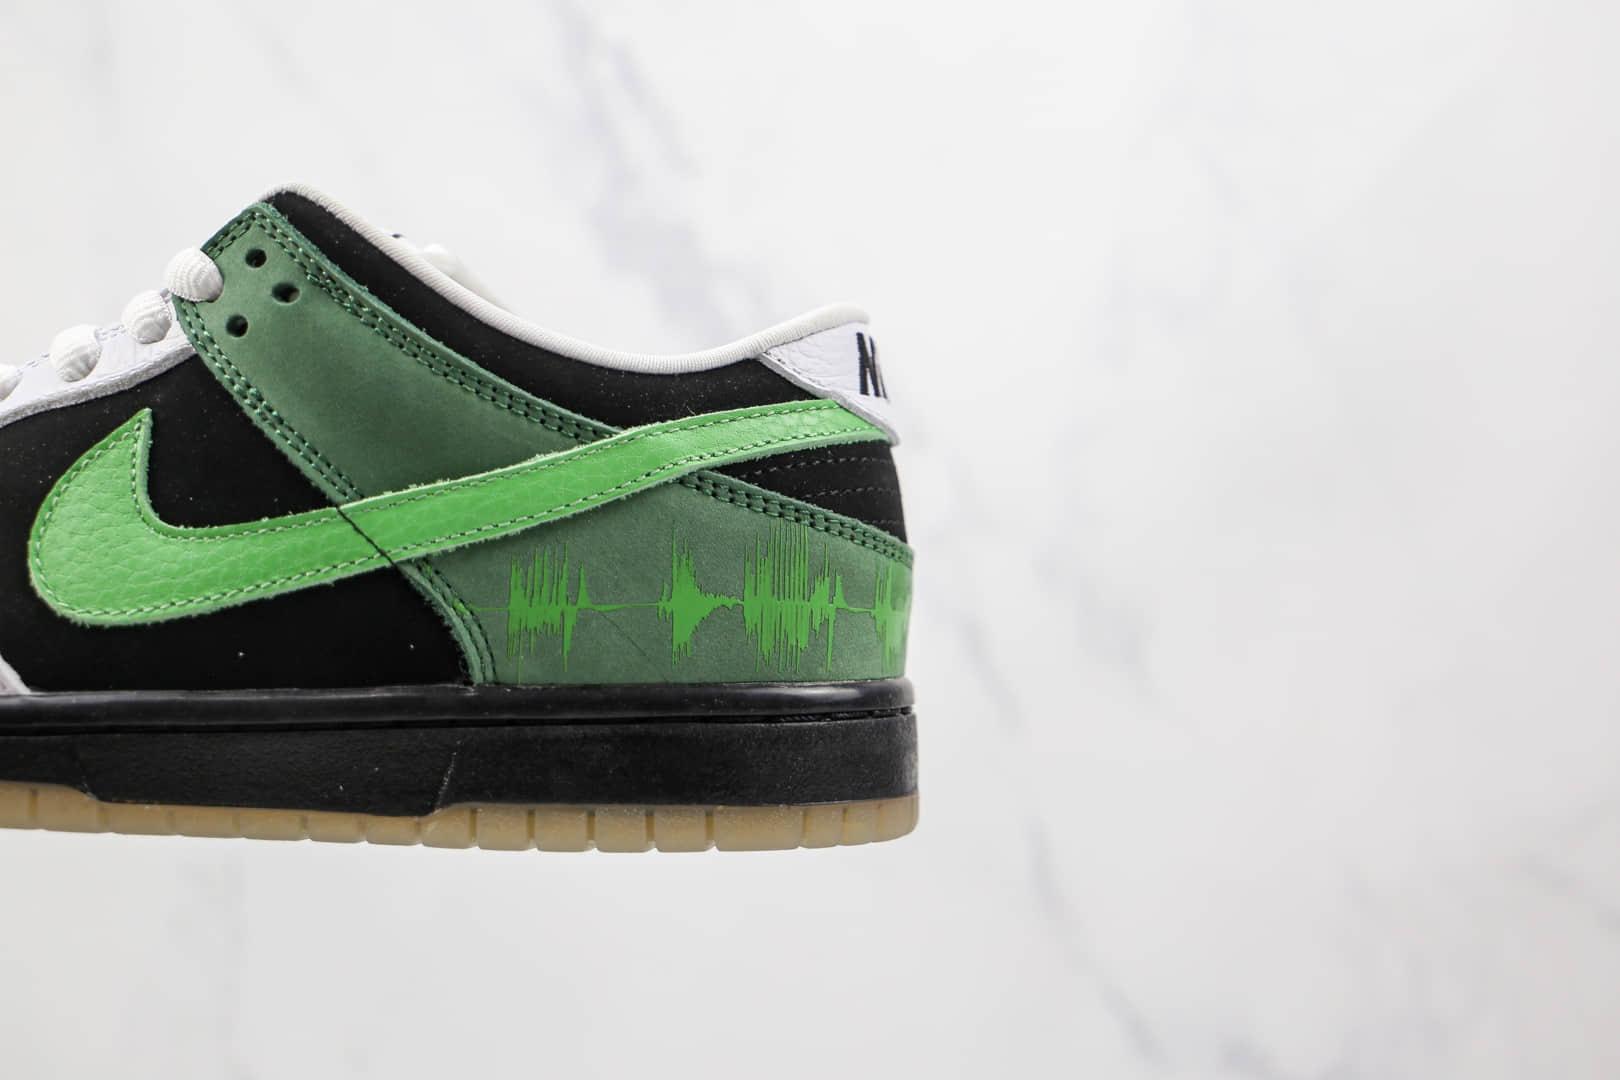 耐克Nike Dunk Low纯原版本低帮Dunk心电图白黑绿色原装头层打造 货号:313170-031